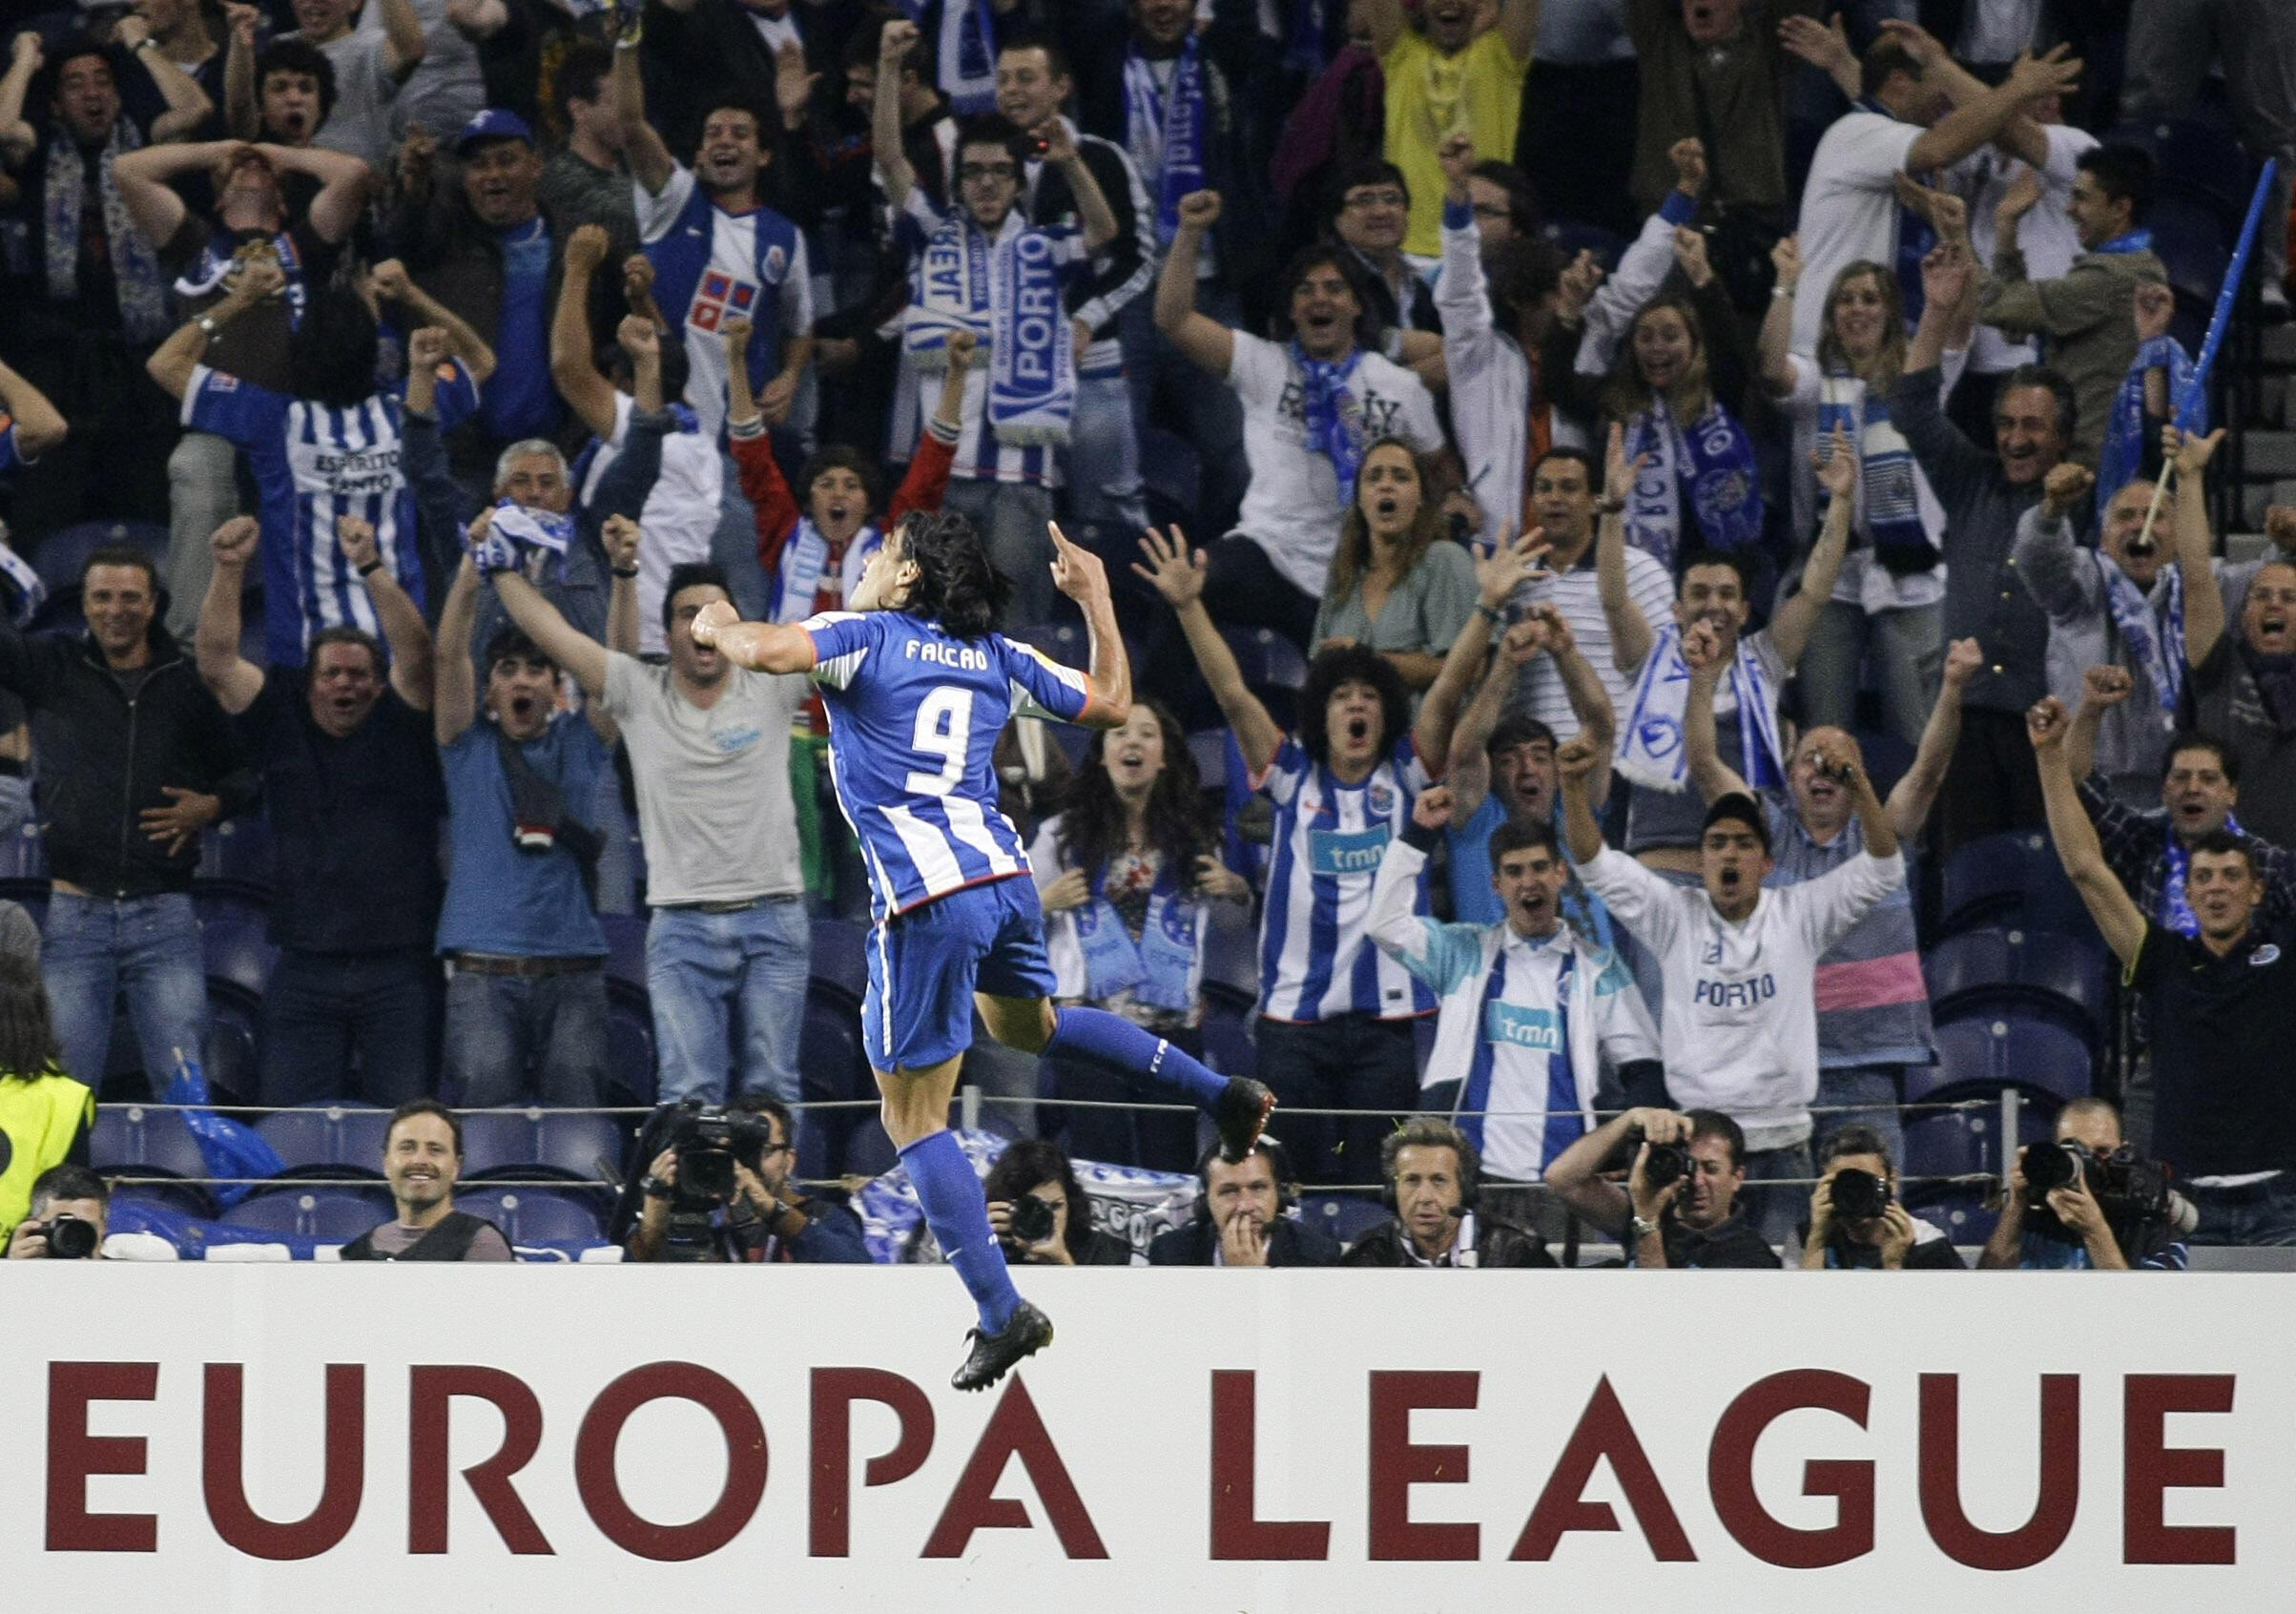 L'attaquant colombien du FC Porto, Falcao, exulte.